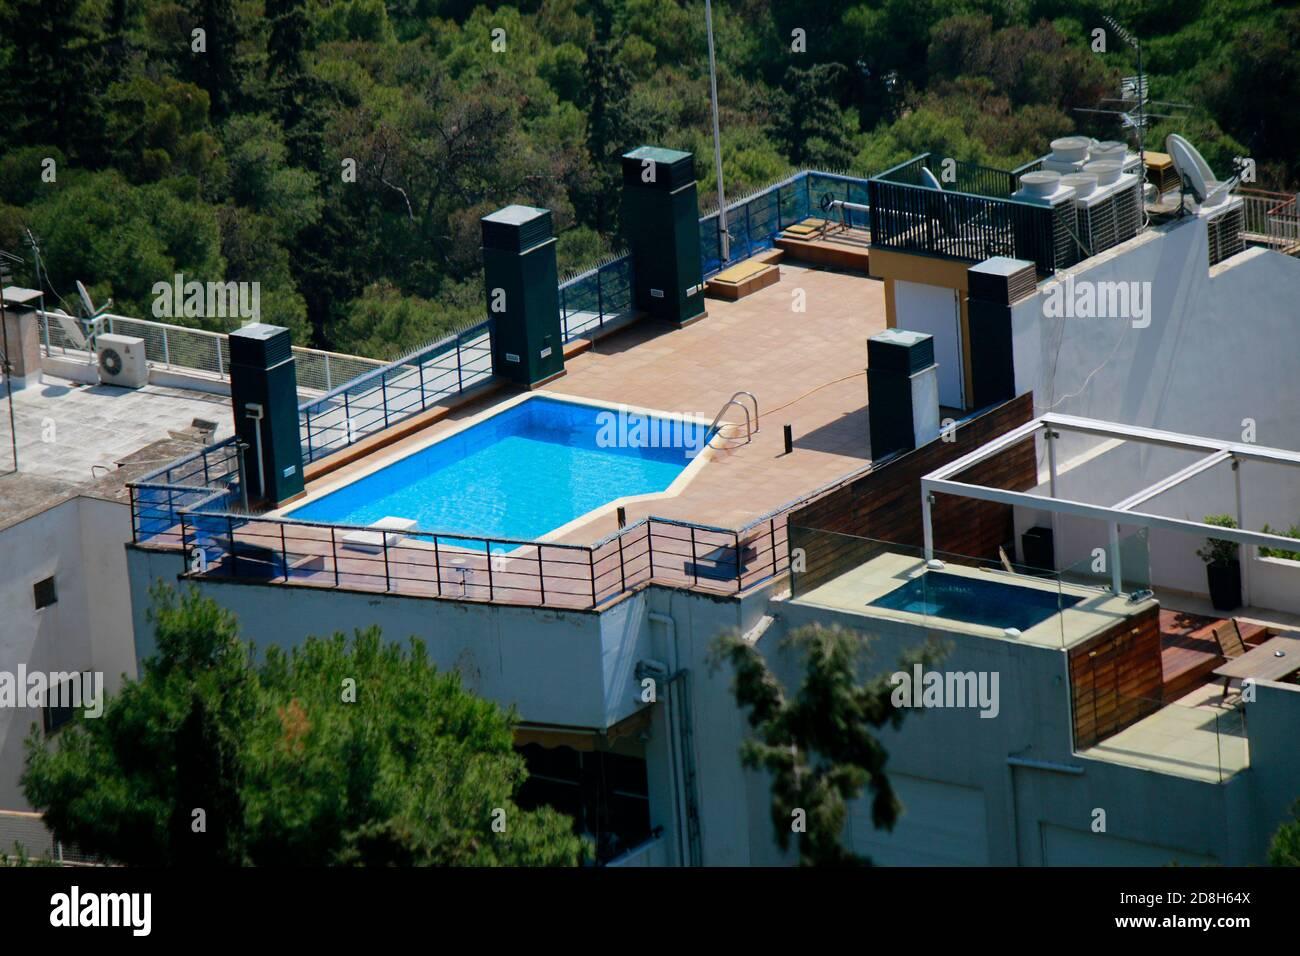 Swimming Pools auf dem Dach eines Mehrfamilienhauses, Athen, Griechenland. Stock Photo